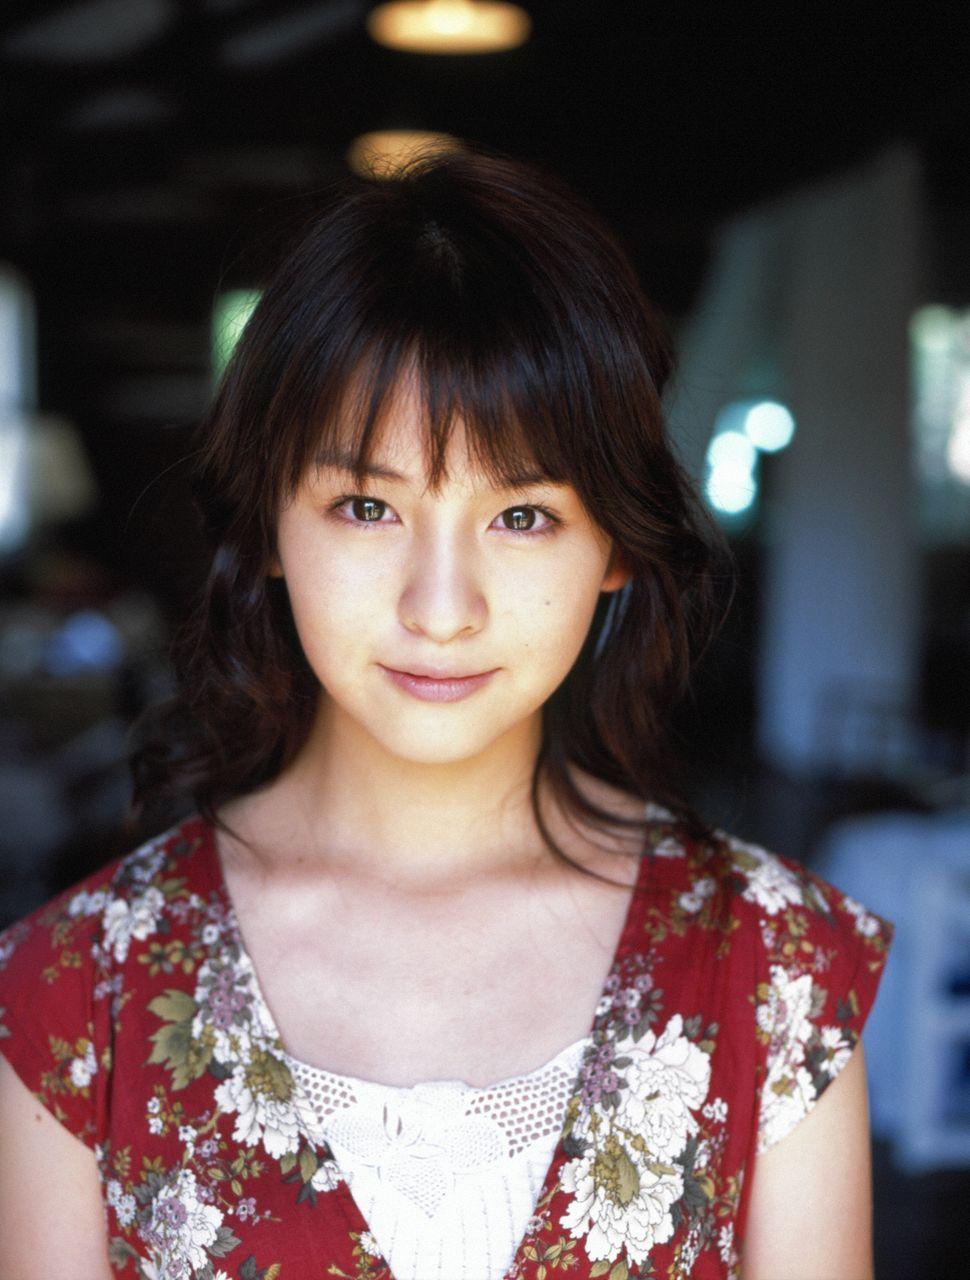 [Hello! Project Digital Books]No.34 Sugaya Risako 菅谷梨沙子 no.1[24P] Hello! Project 第1张